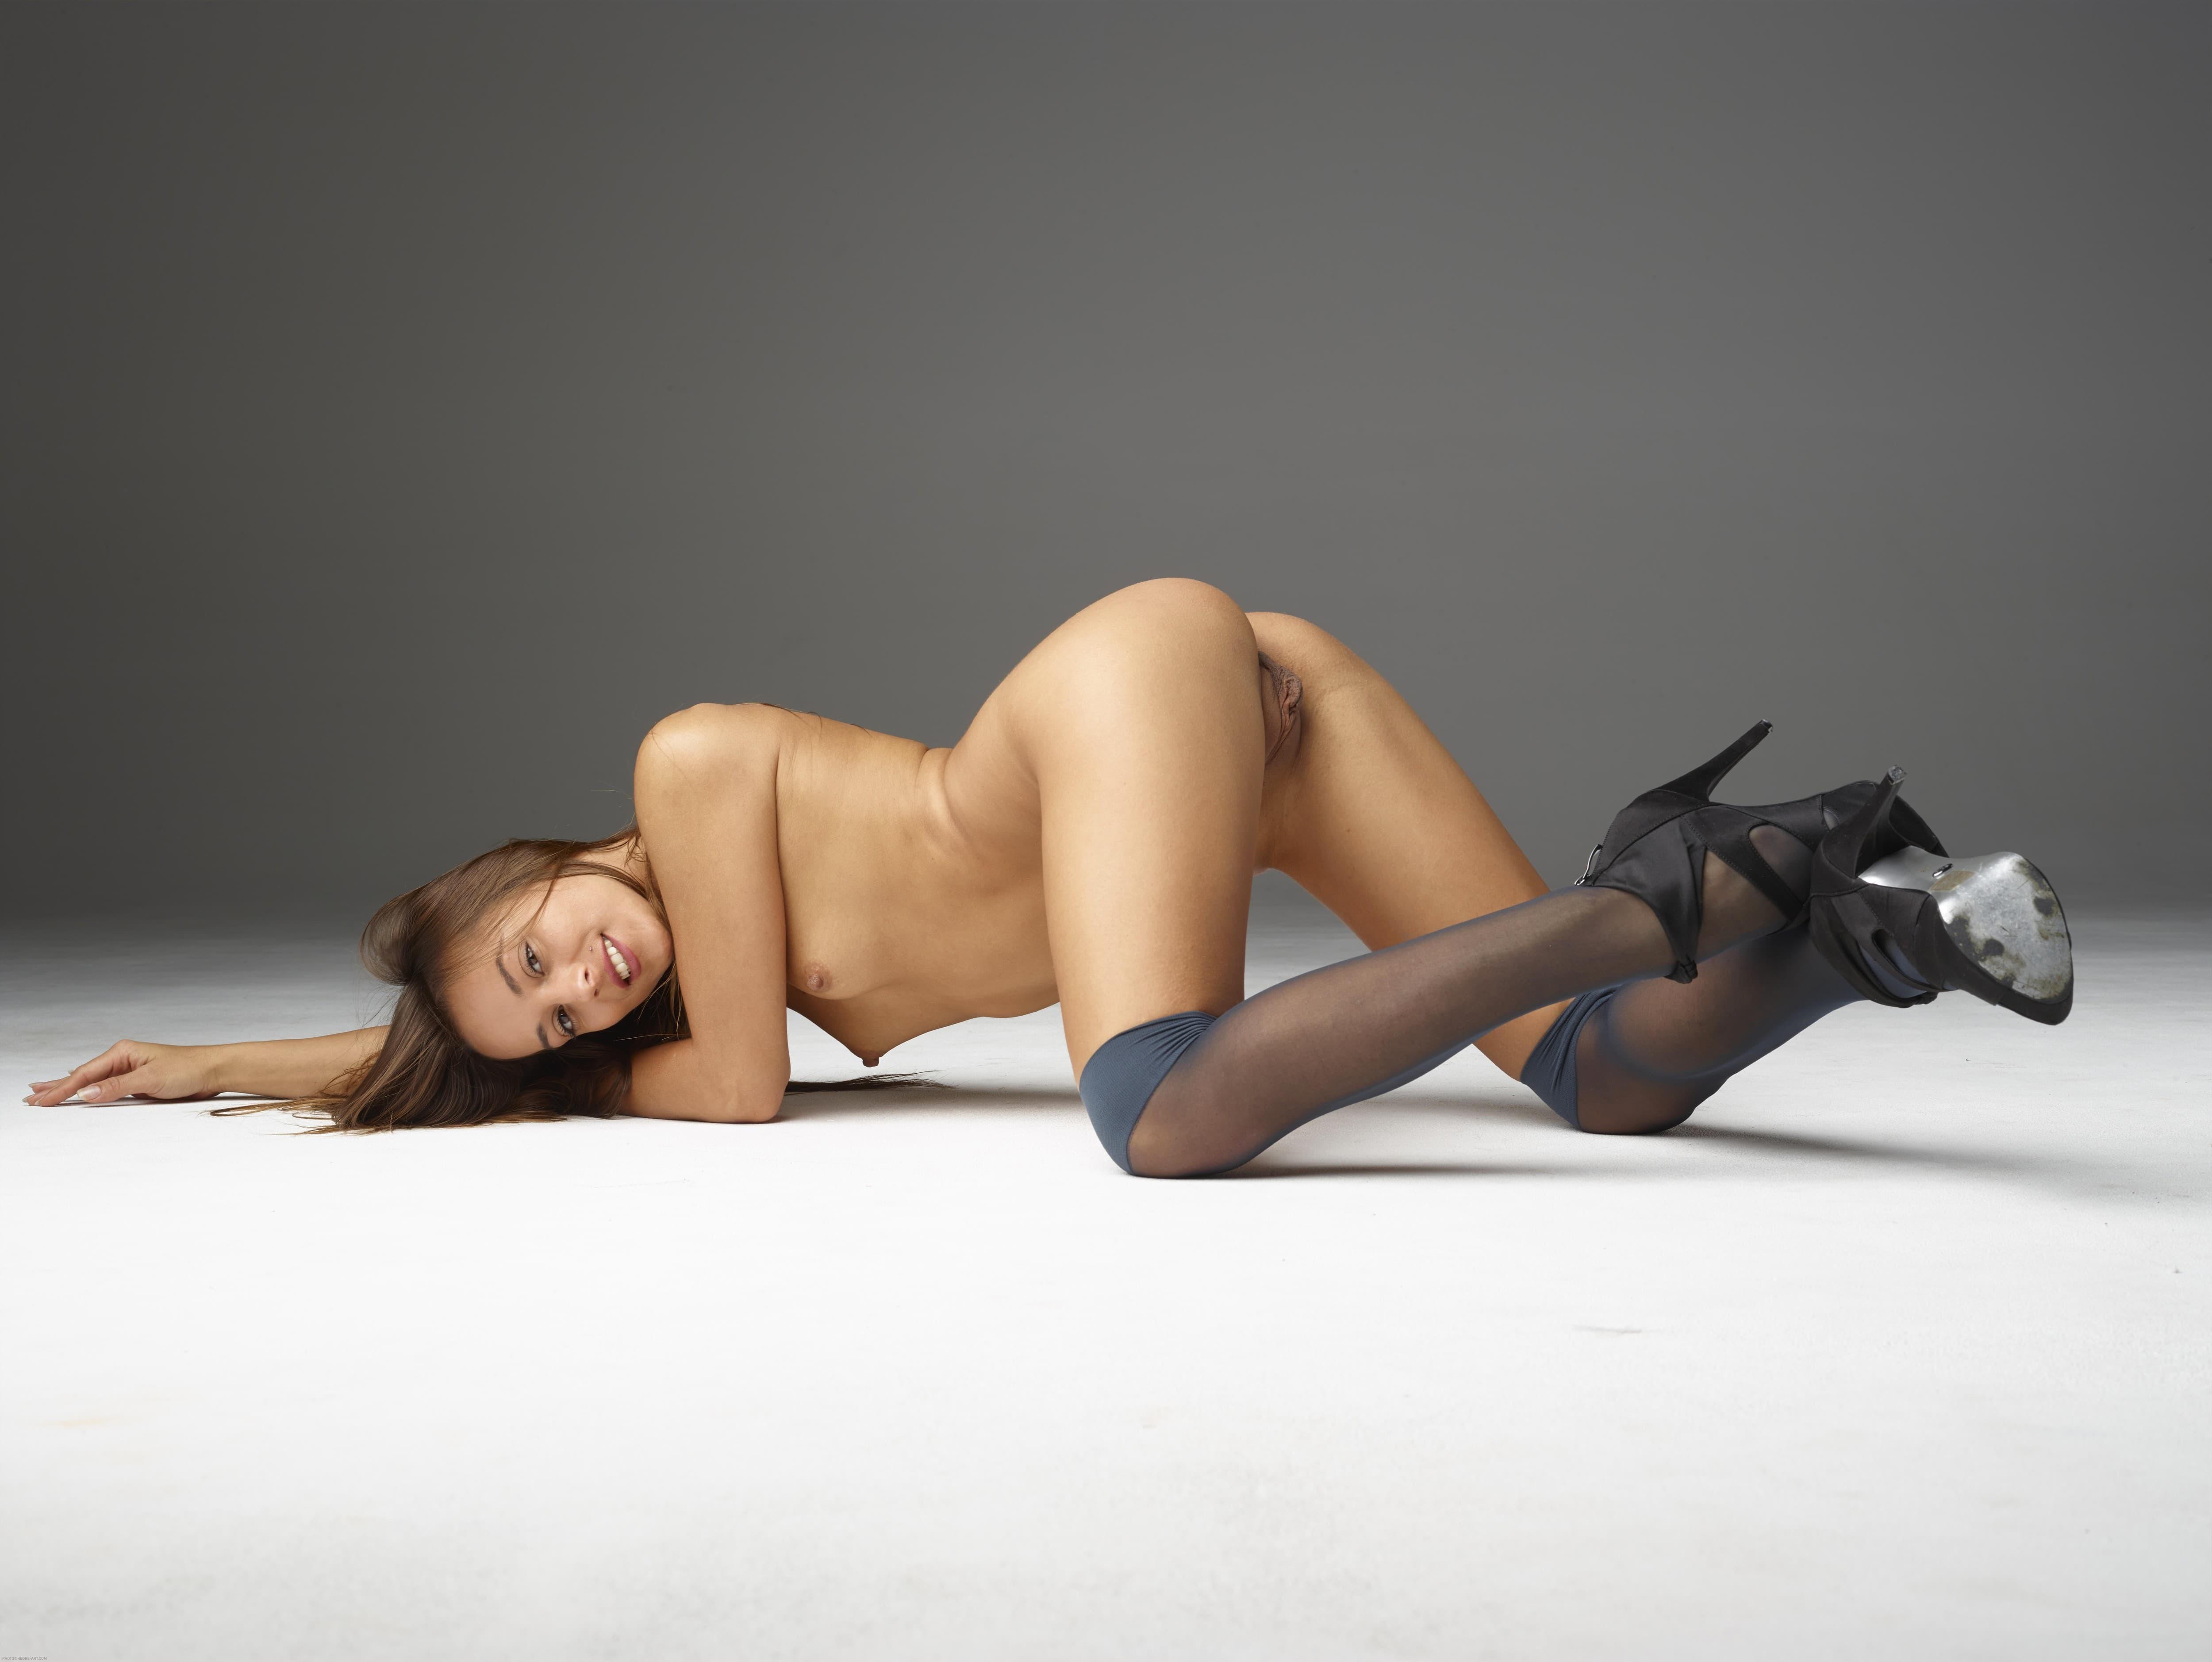 Голая шатенка в чулках и туфлях раком - фото